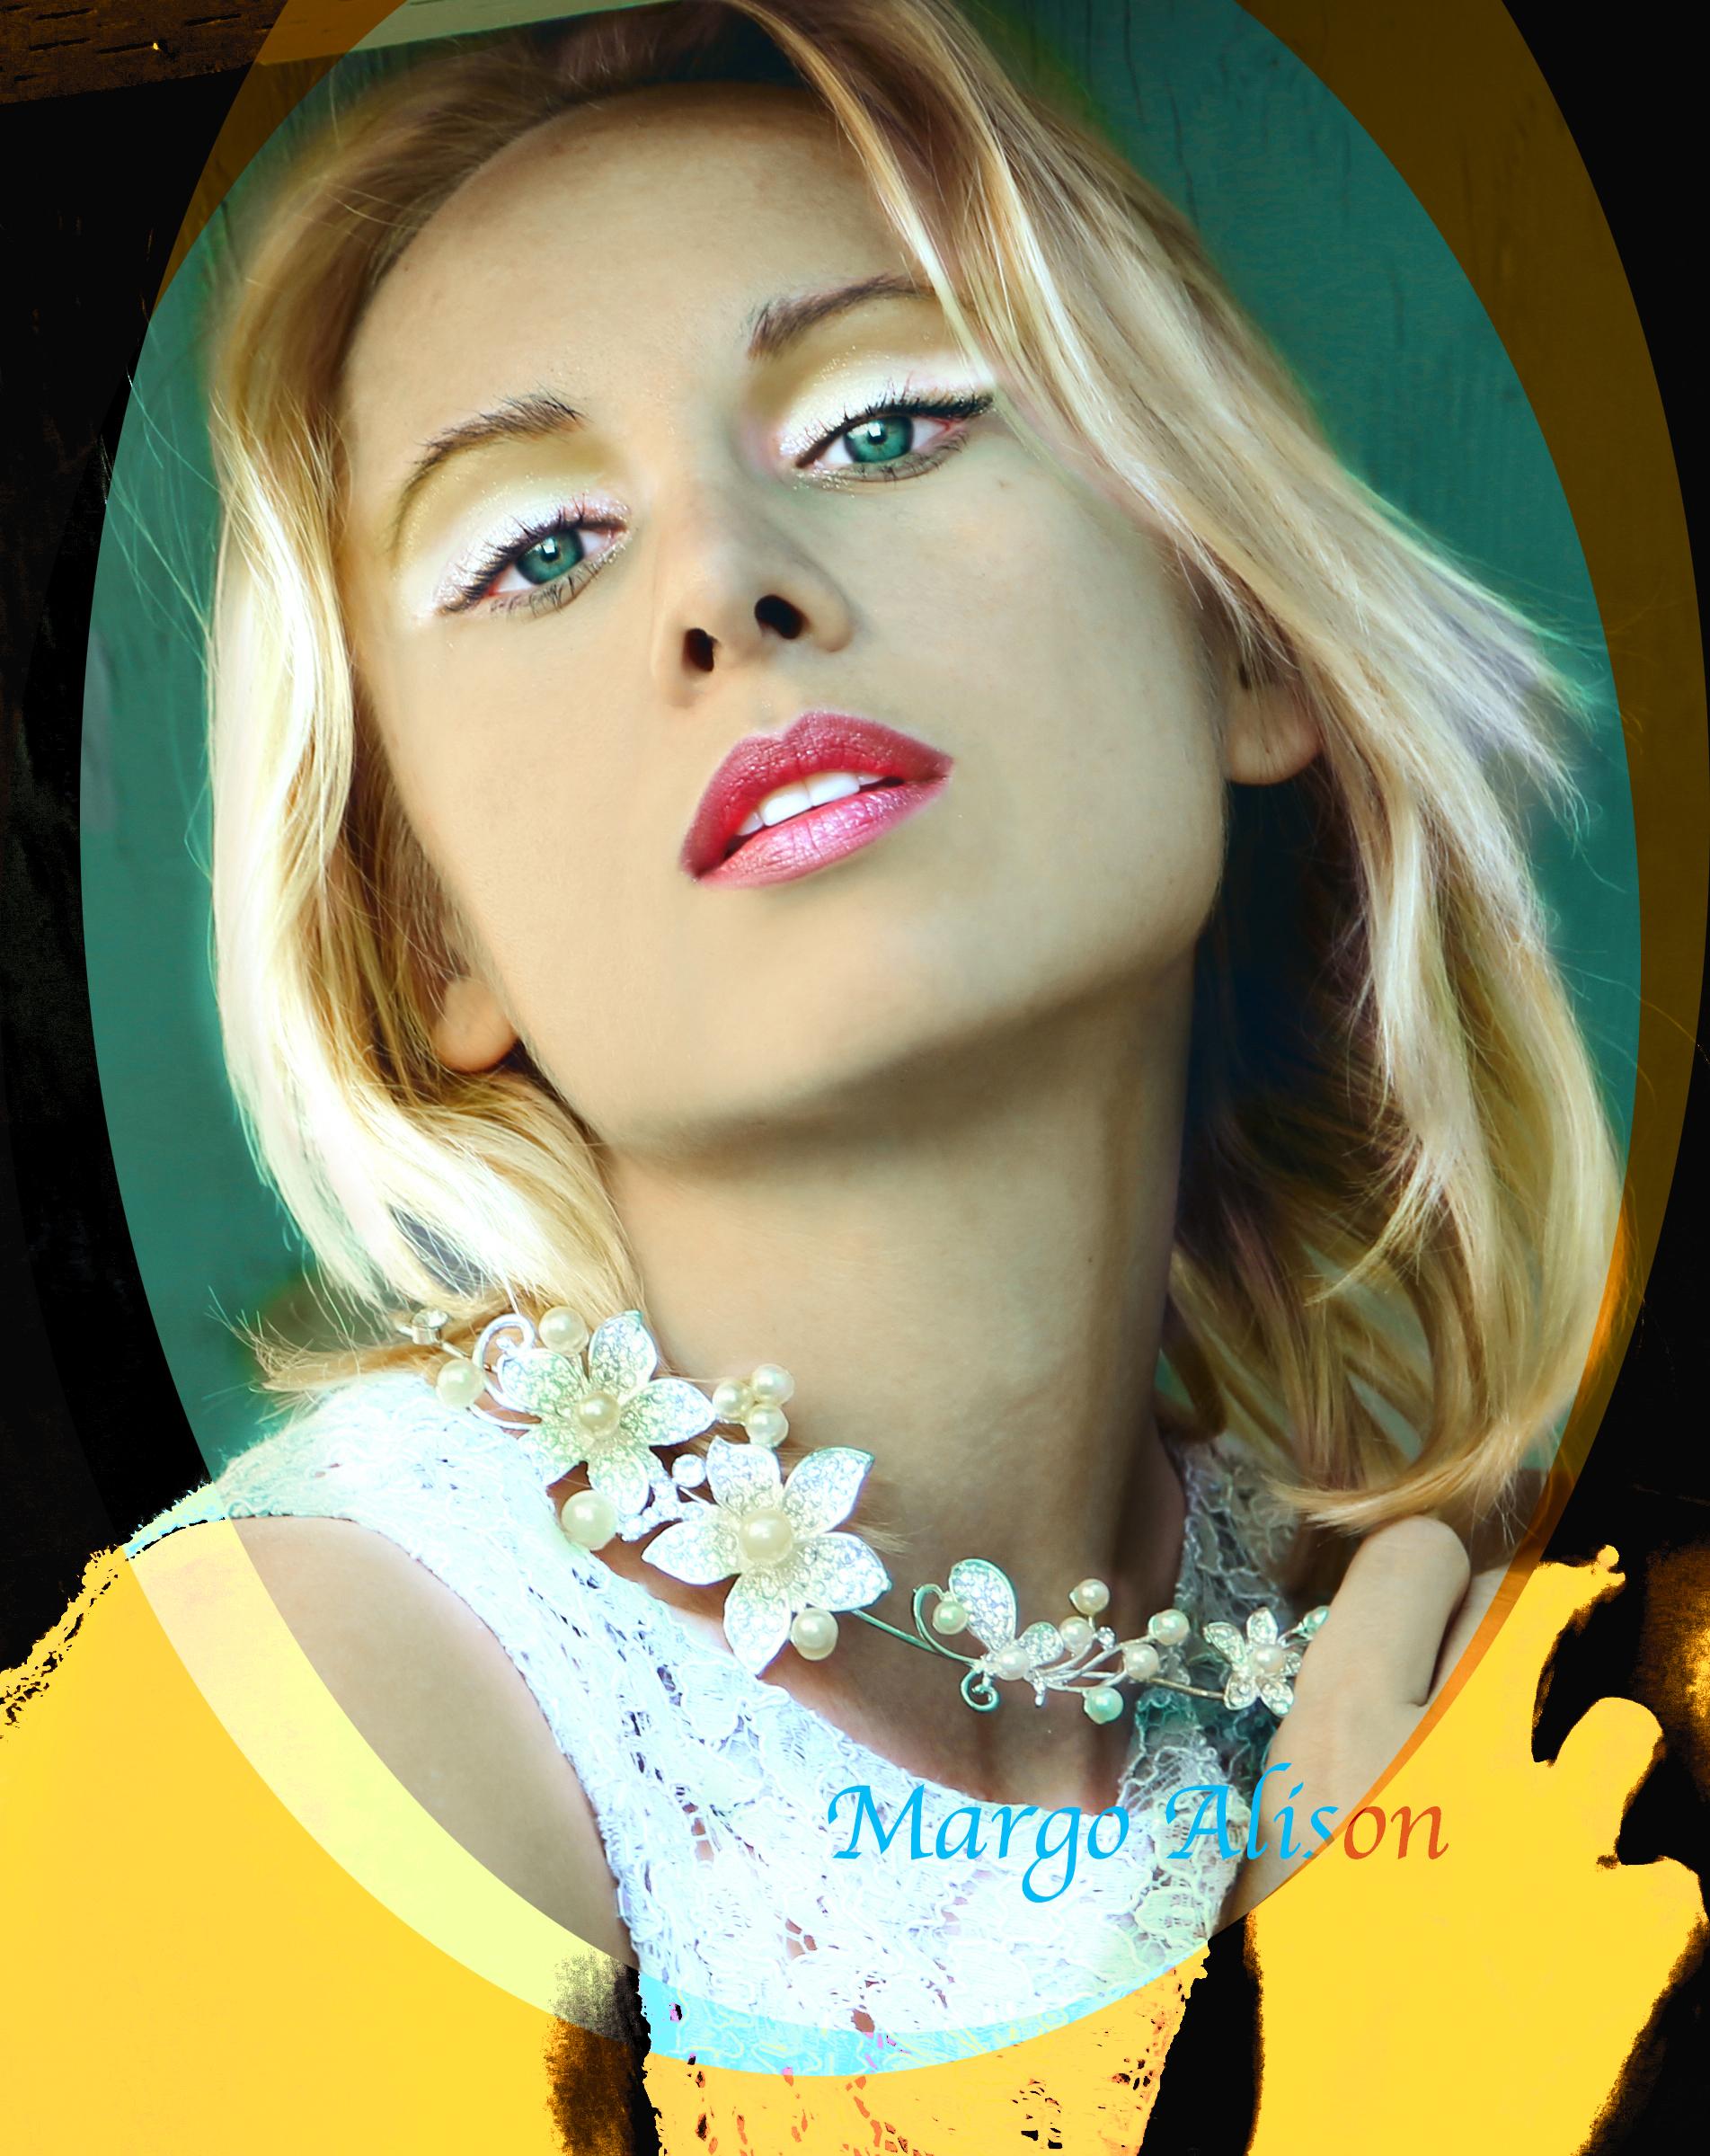 Margo Alison egg.jpg